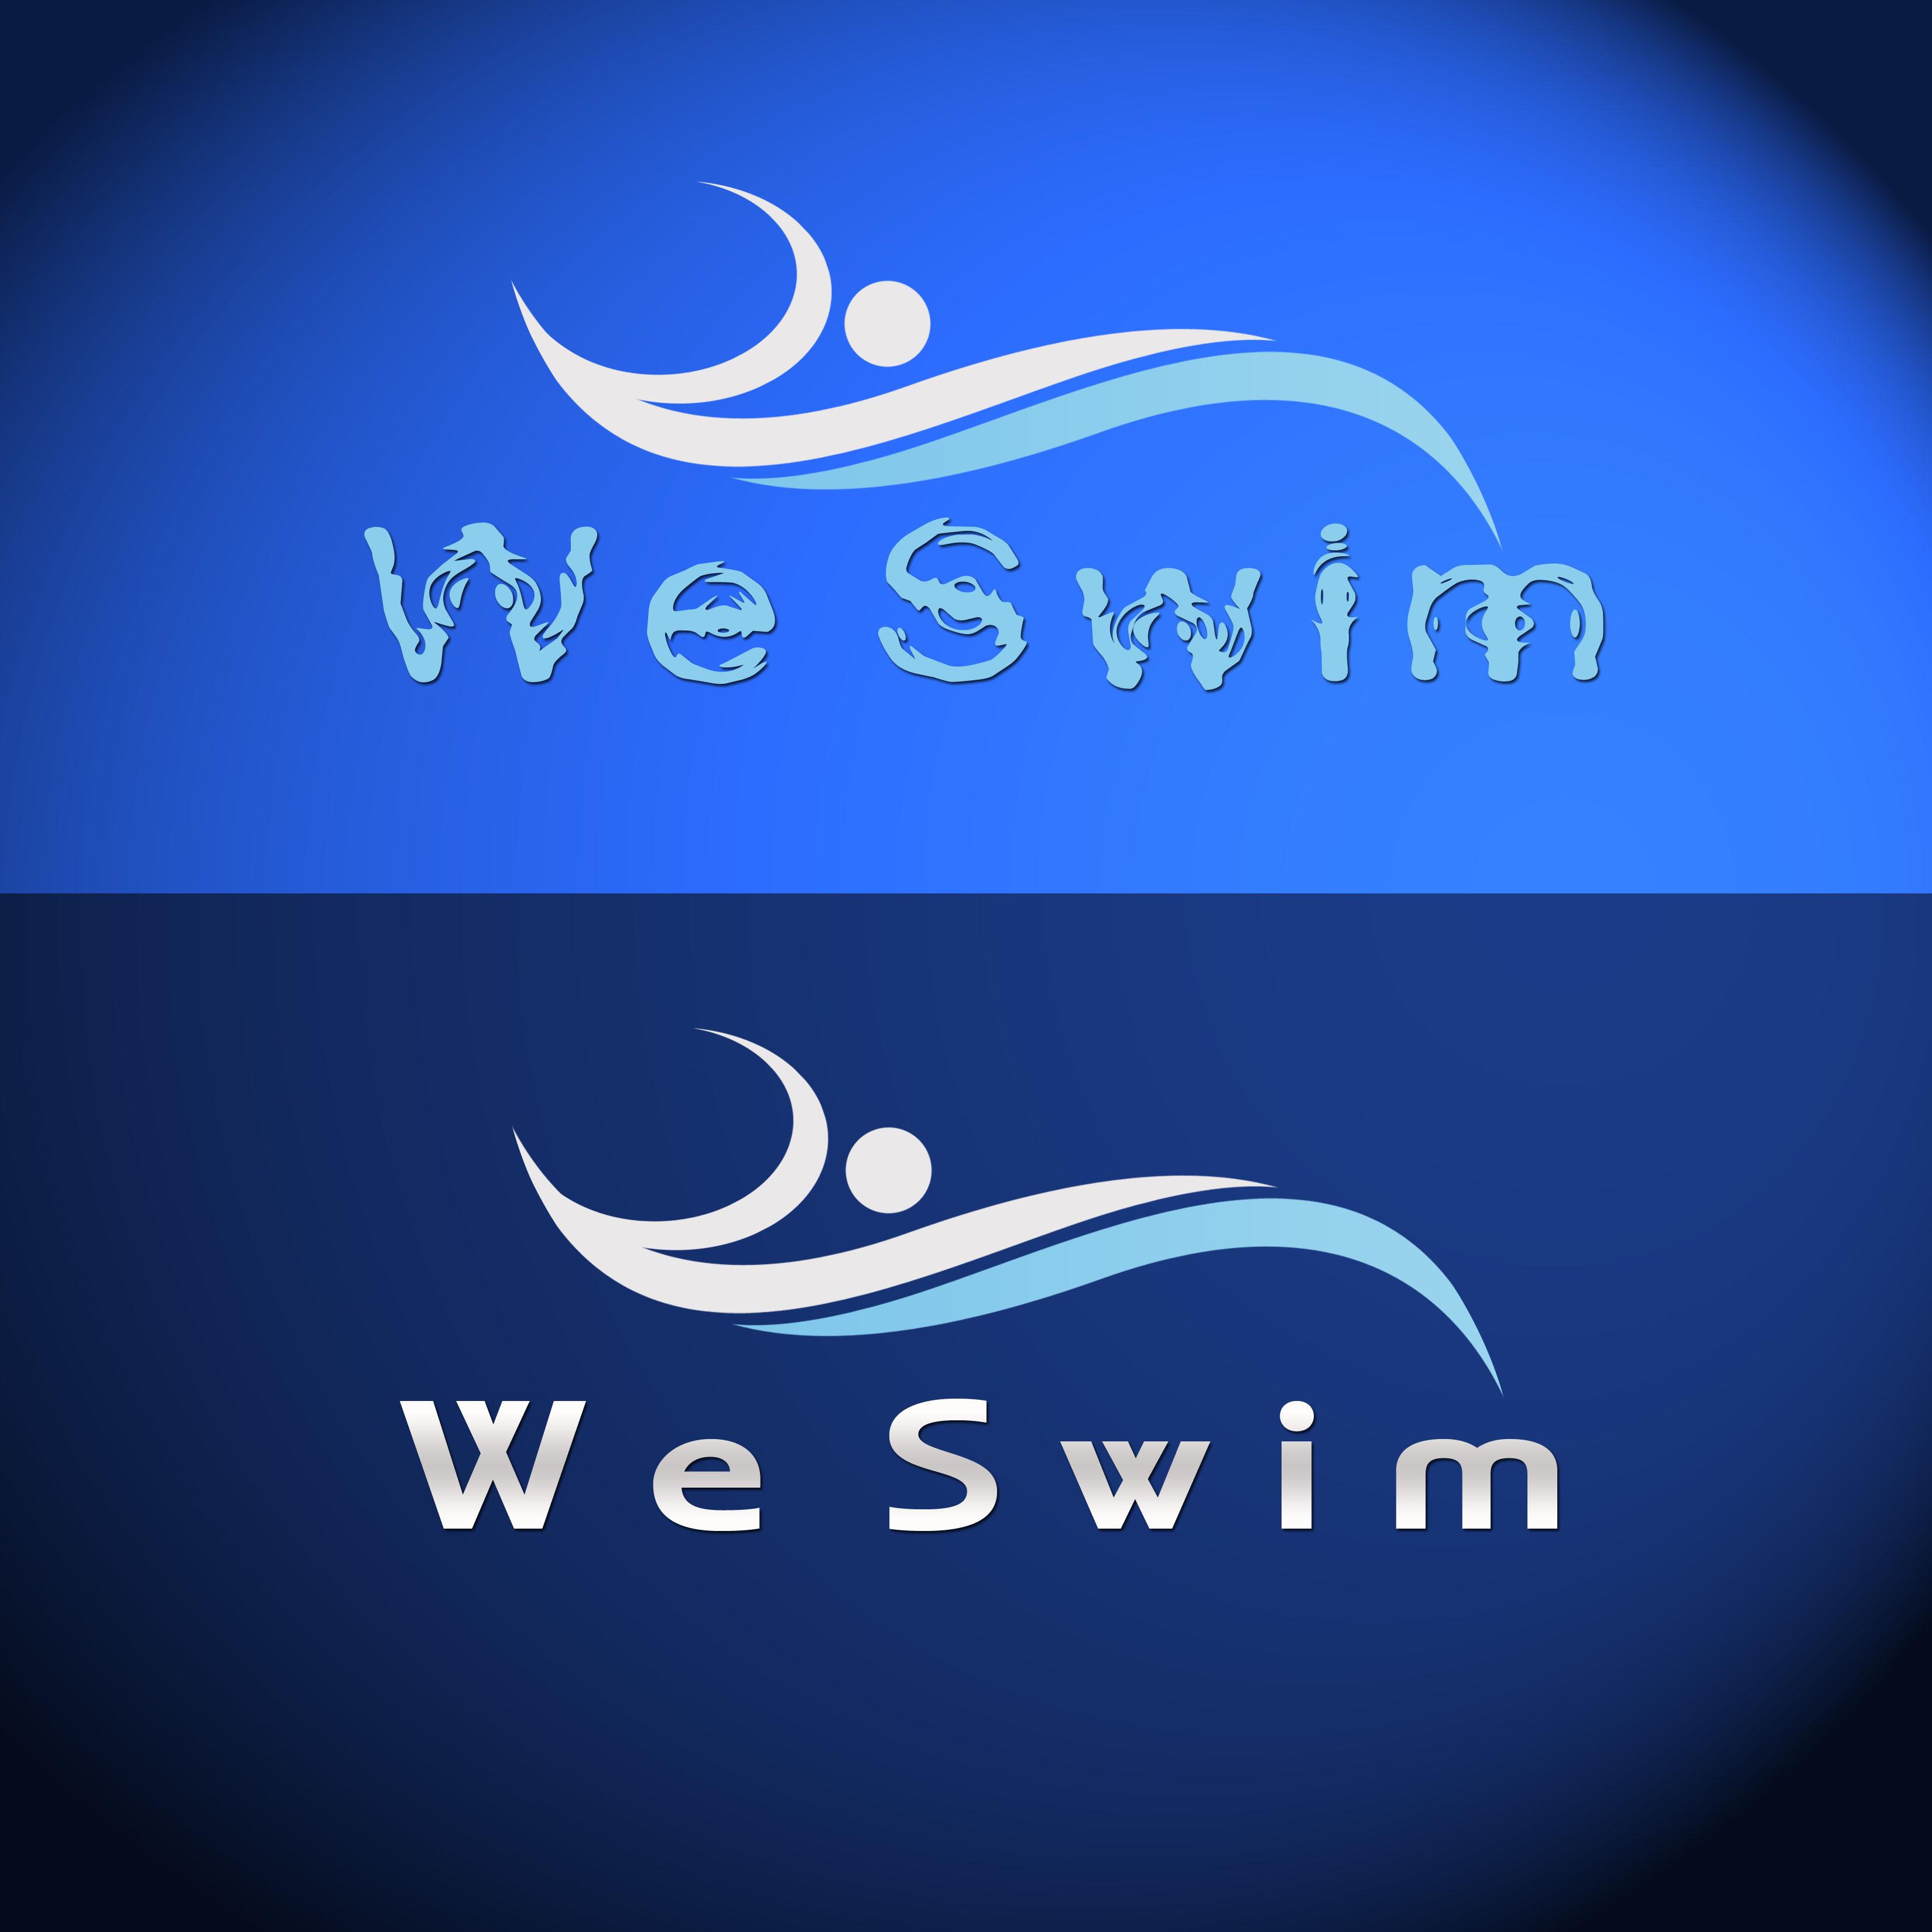 Logo Design by Allan Esclamado - Entry No. 17 in the Logo Design Contest Captivating Logo Design for We Swim.